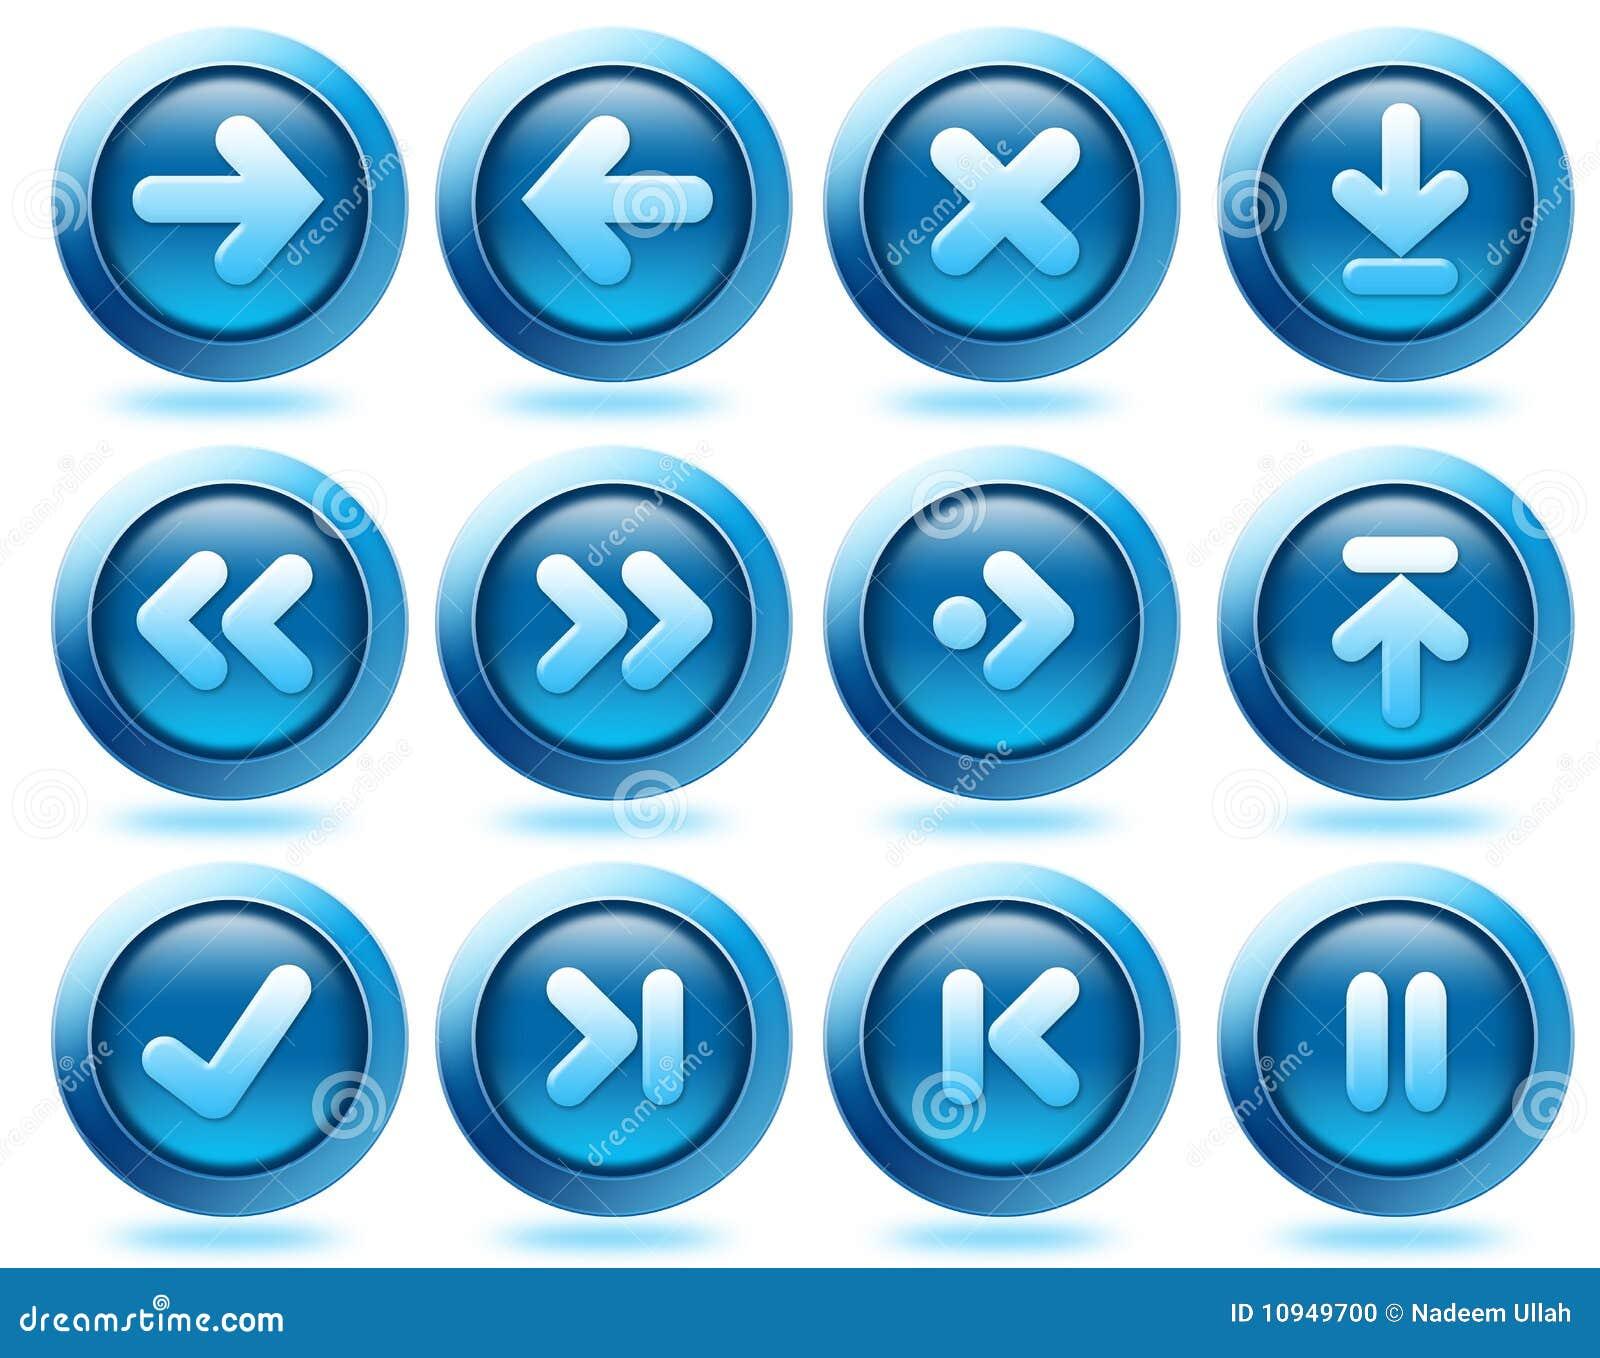 logo 标识 标志 设计 矢量 矢量图 素材 图标 1300_1120图片